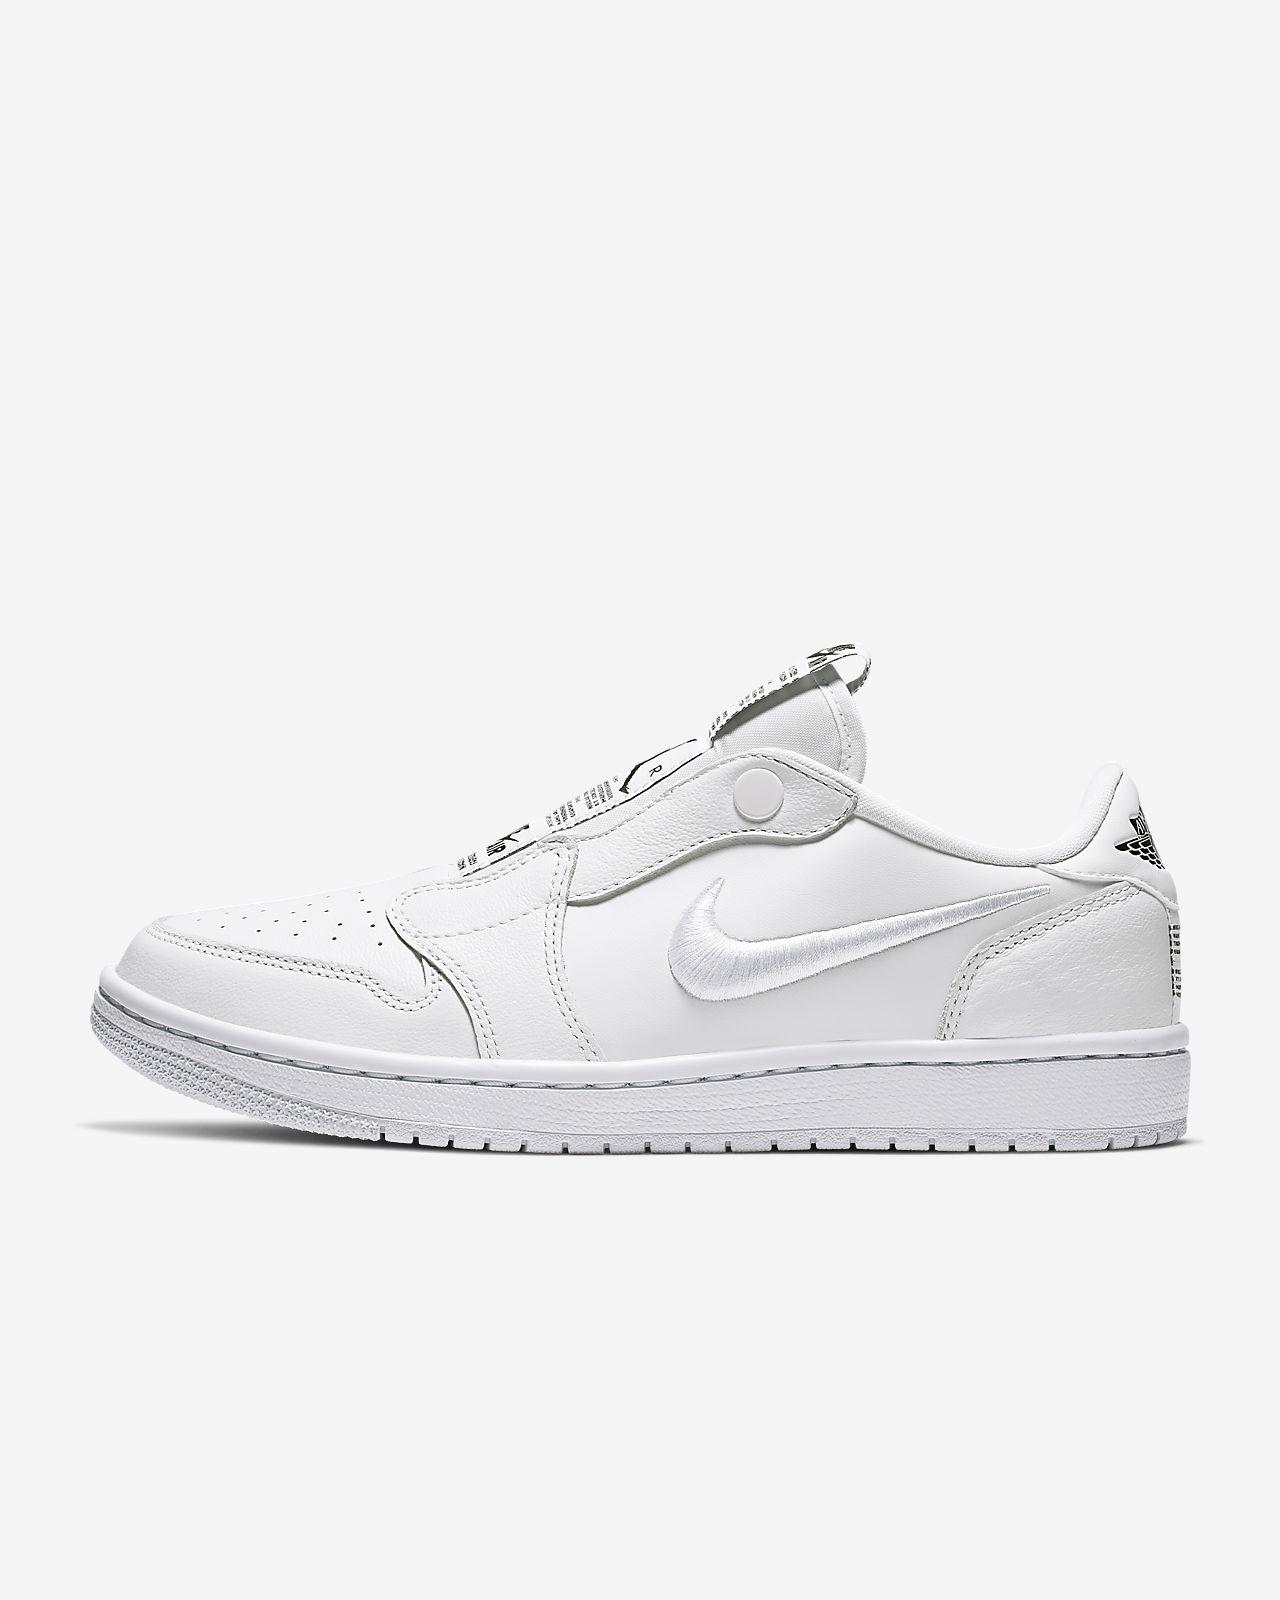 Air Jordan 1 RET Low Slip女子运动鞋